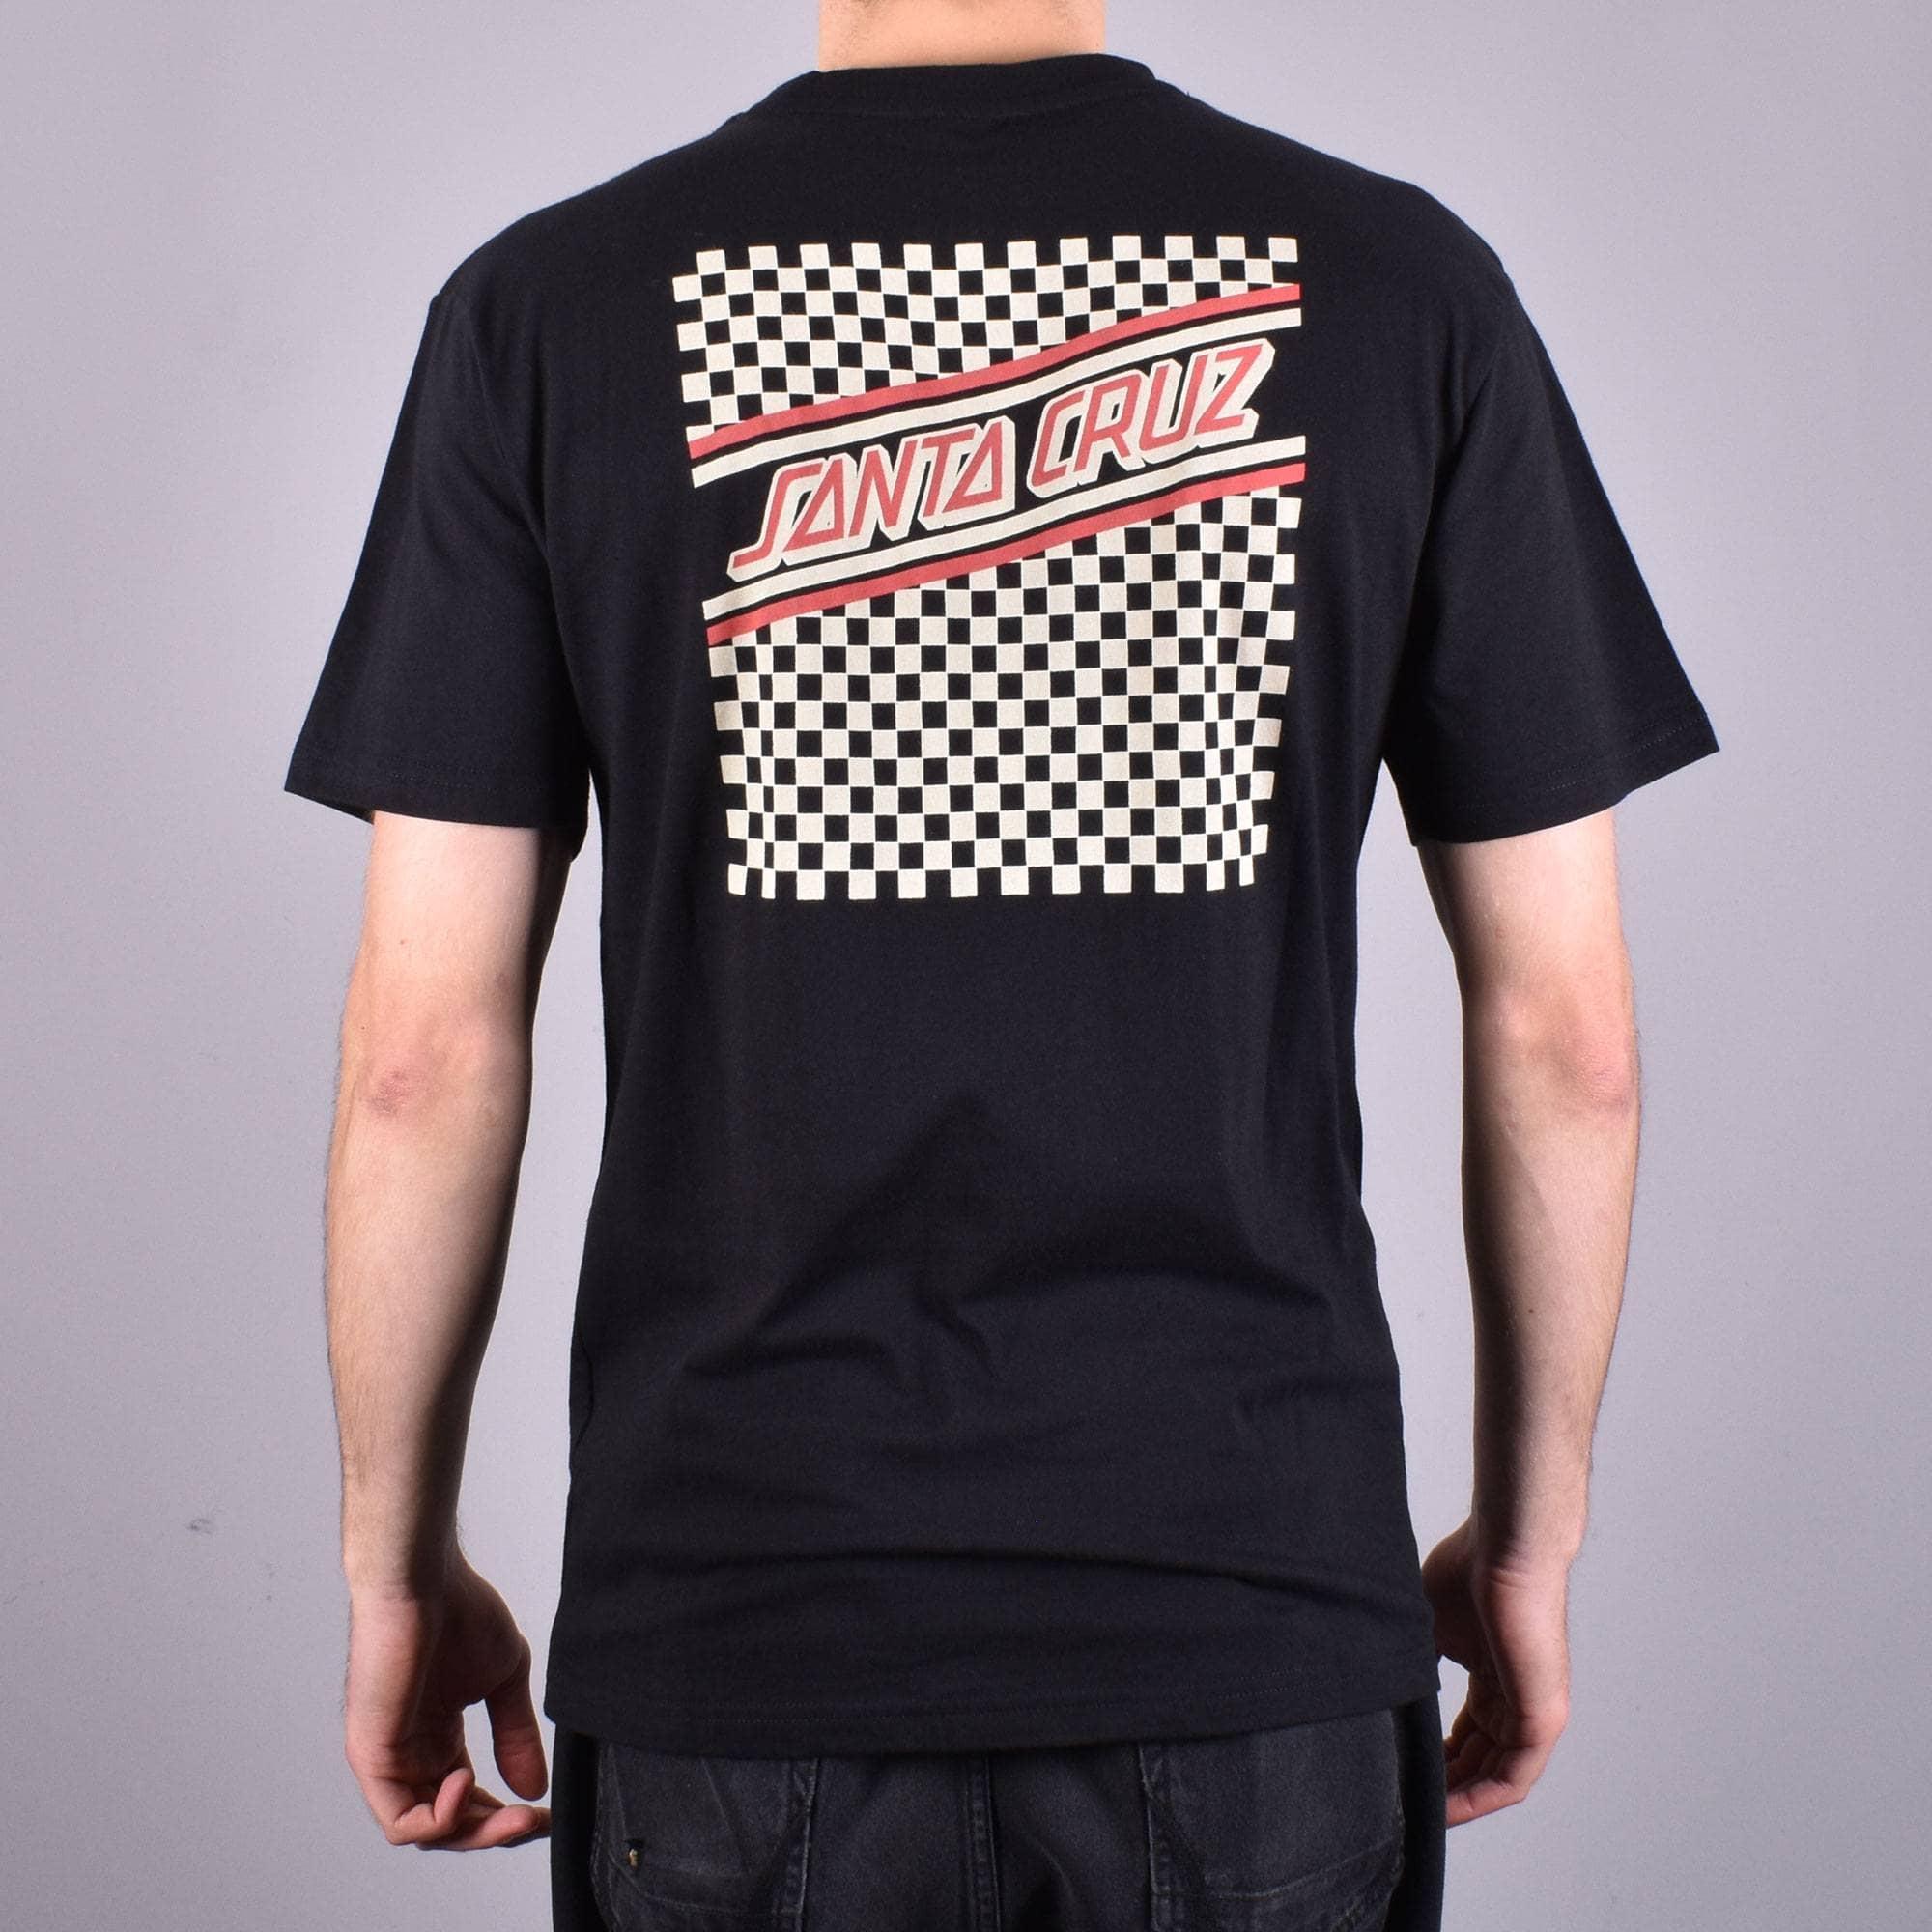 Santa Cruz CHECK STRIP HUE Skateboard T Shirt BLACK MEDIUM